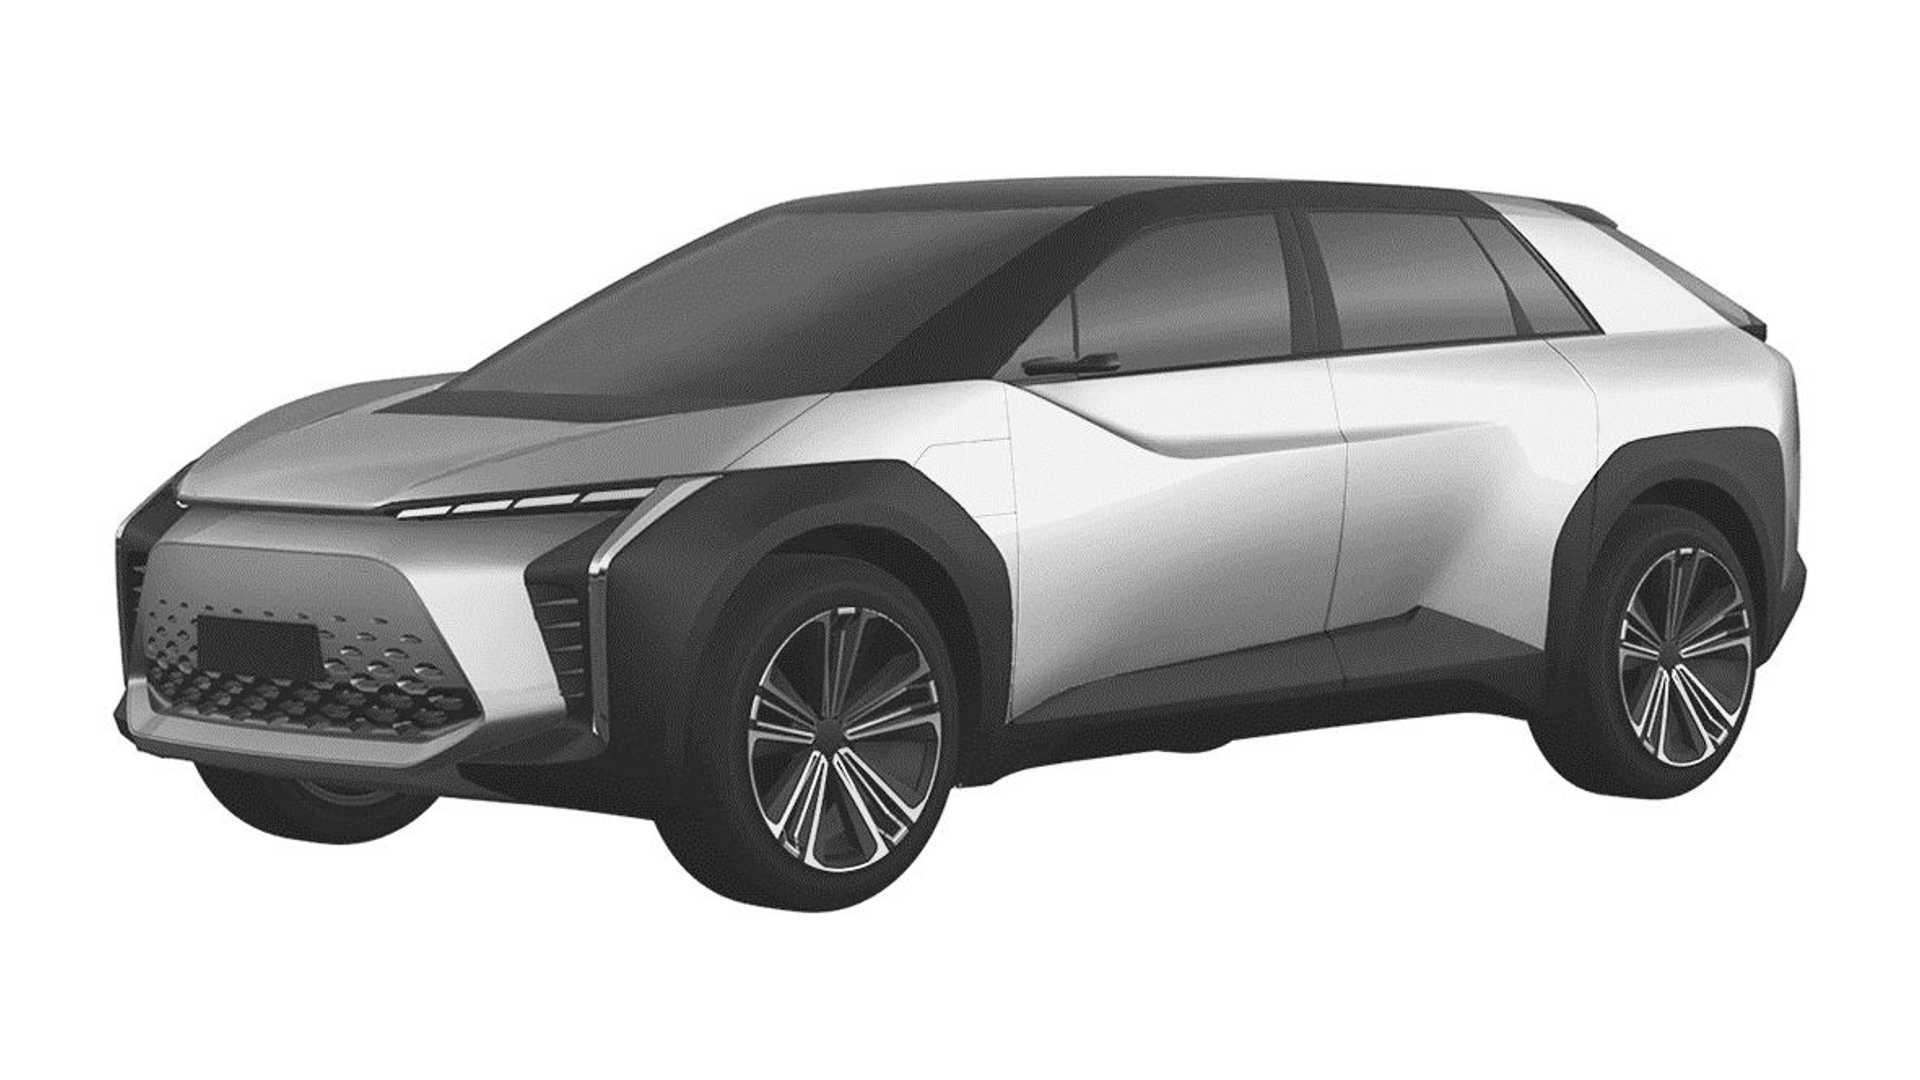 Cuối cùng cũng nhìn thấy xe điện của Toyota, dự kiến ra mắt 2 xe trong năm nay